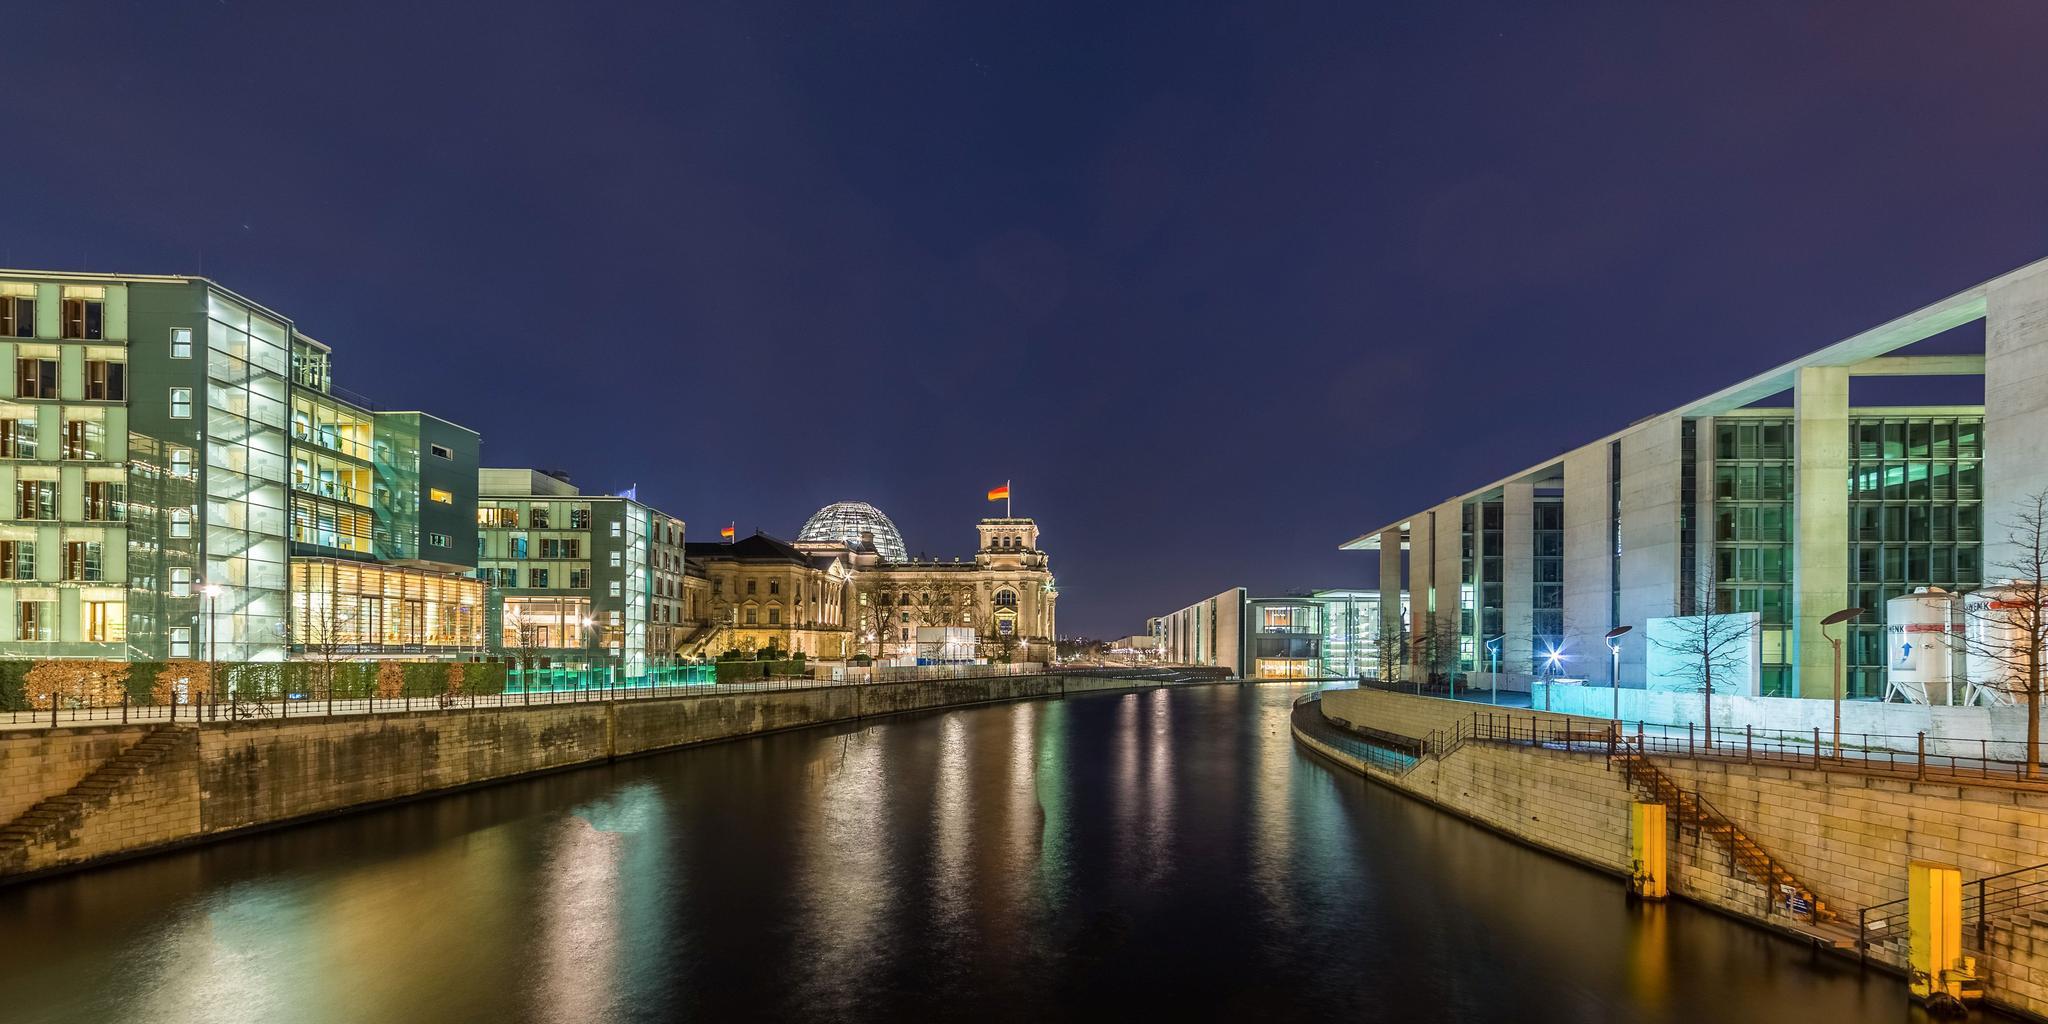 Das Regierungsviertel in Berlin